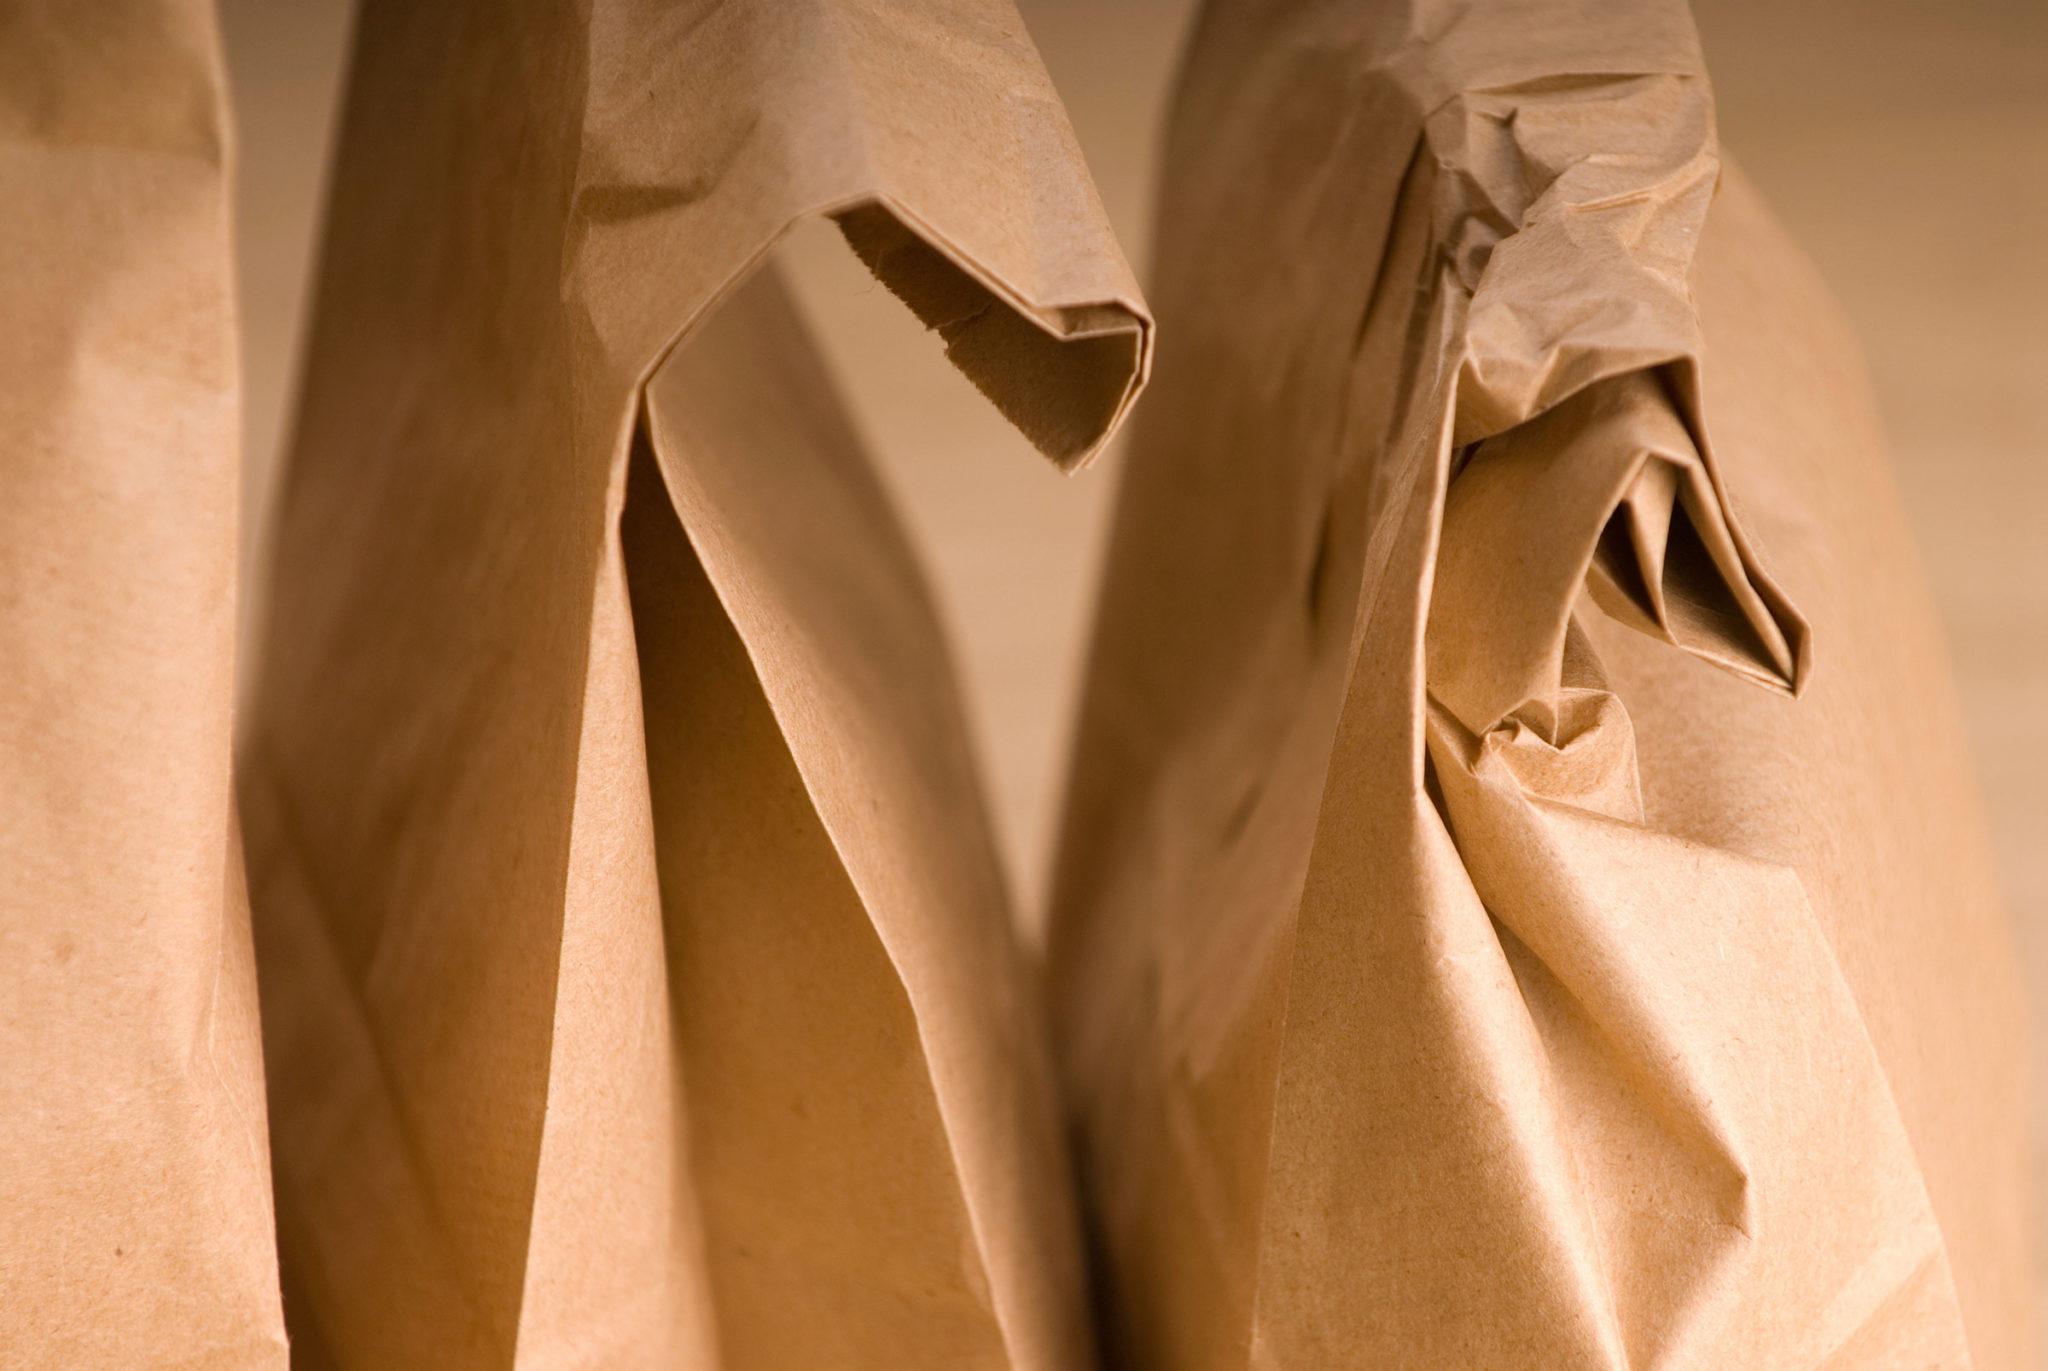 Distract con vinagre y papel marrón